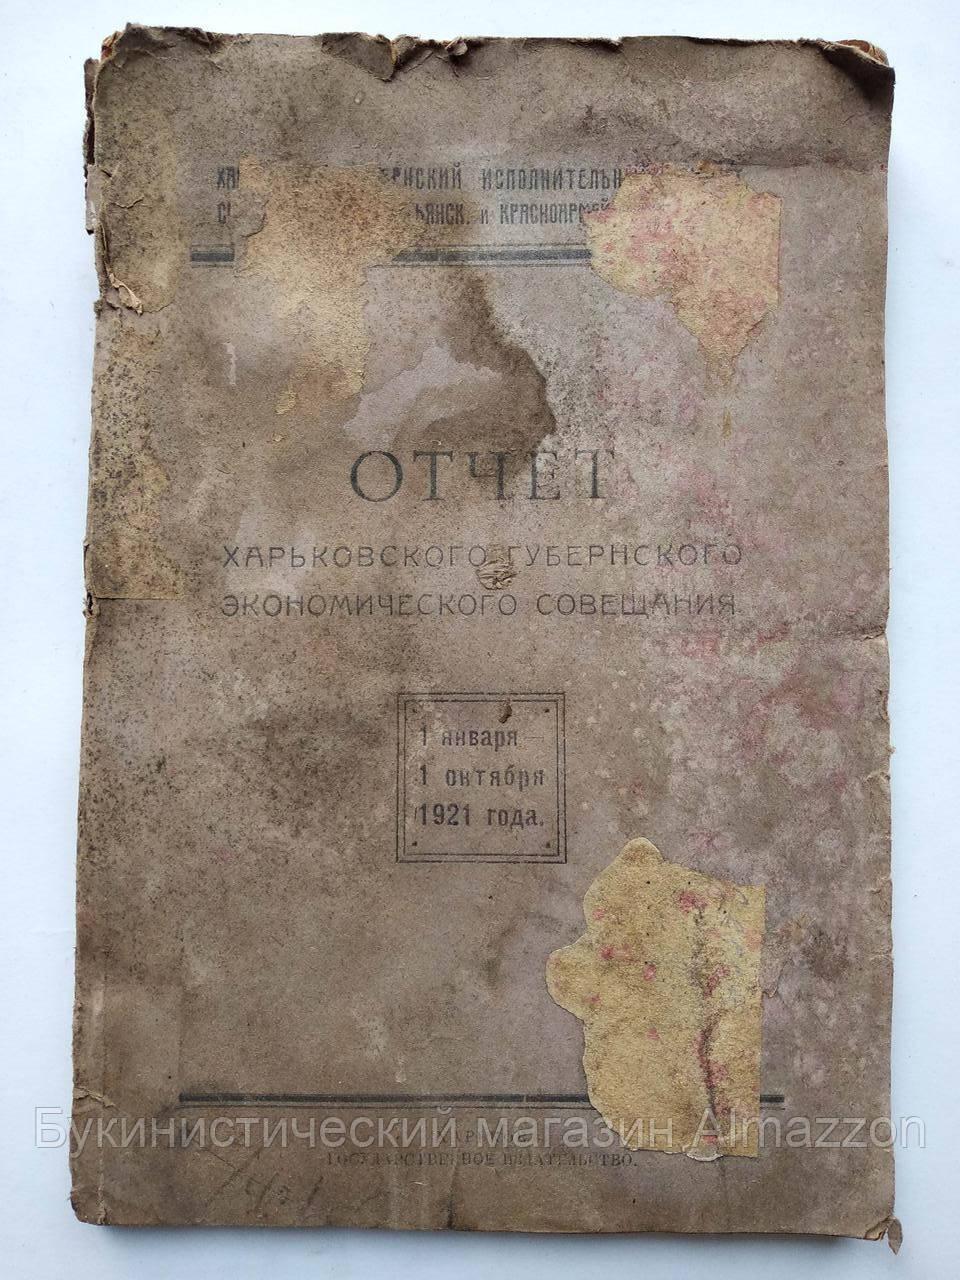 1922 Харьков Отчет Харьковского губернского экономического совещания 1 января - 1 октября 1921 года